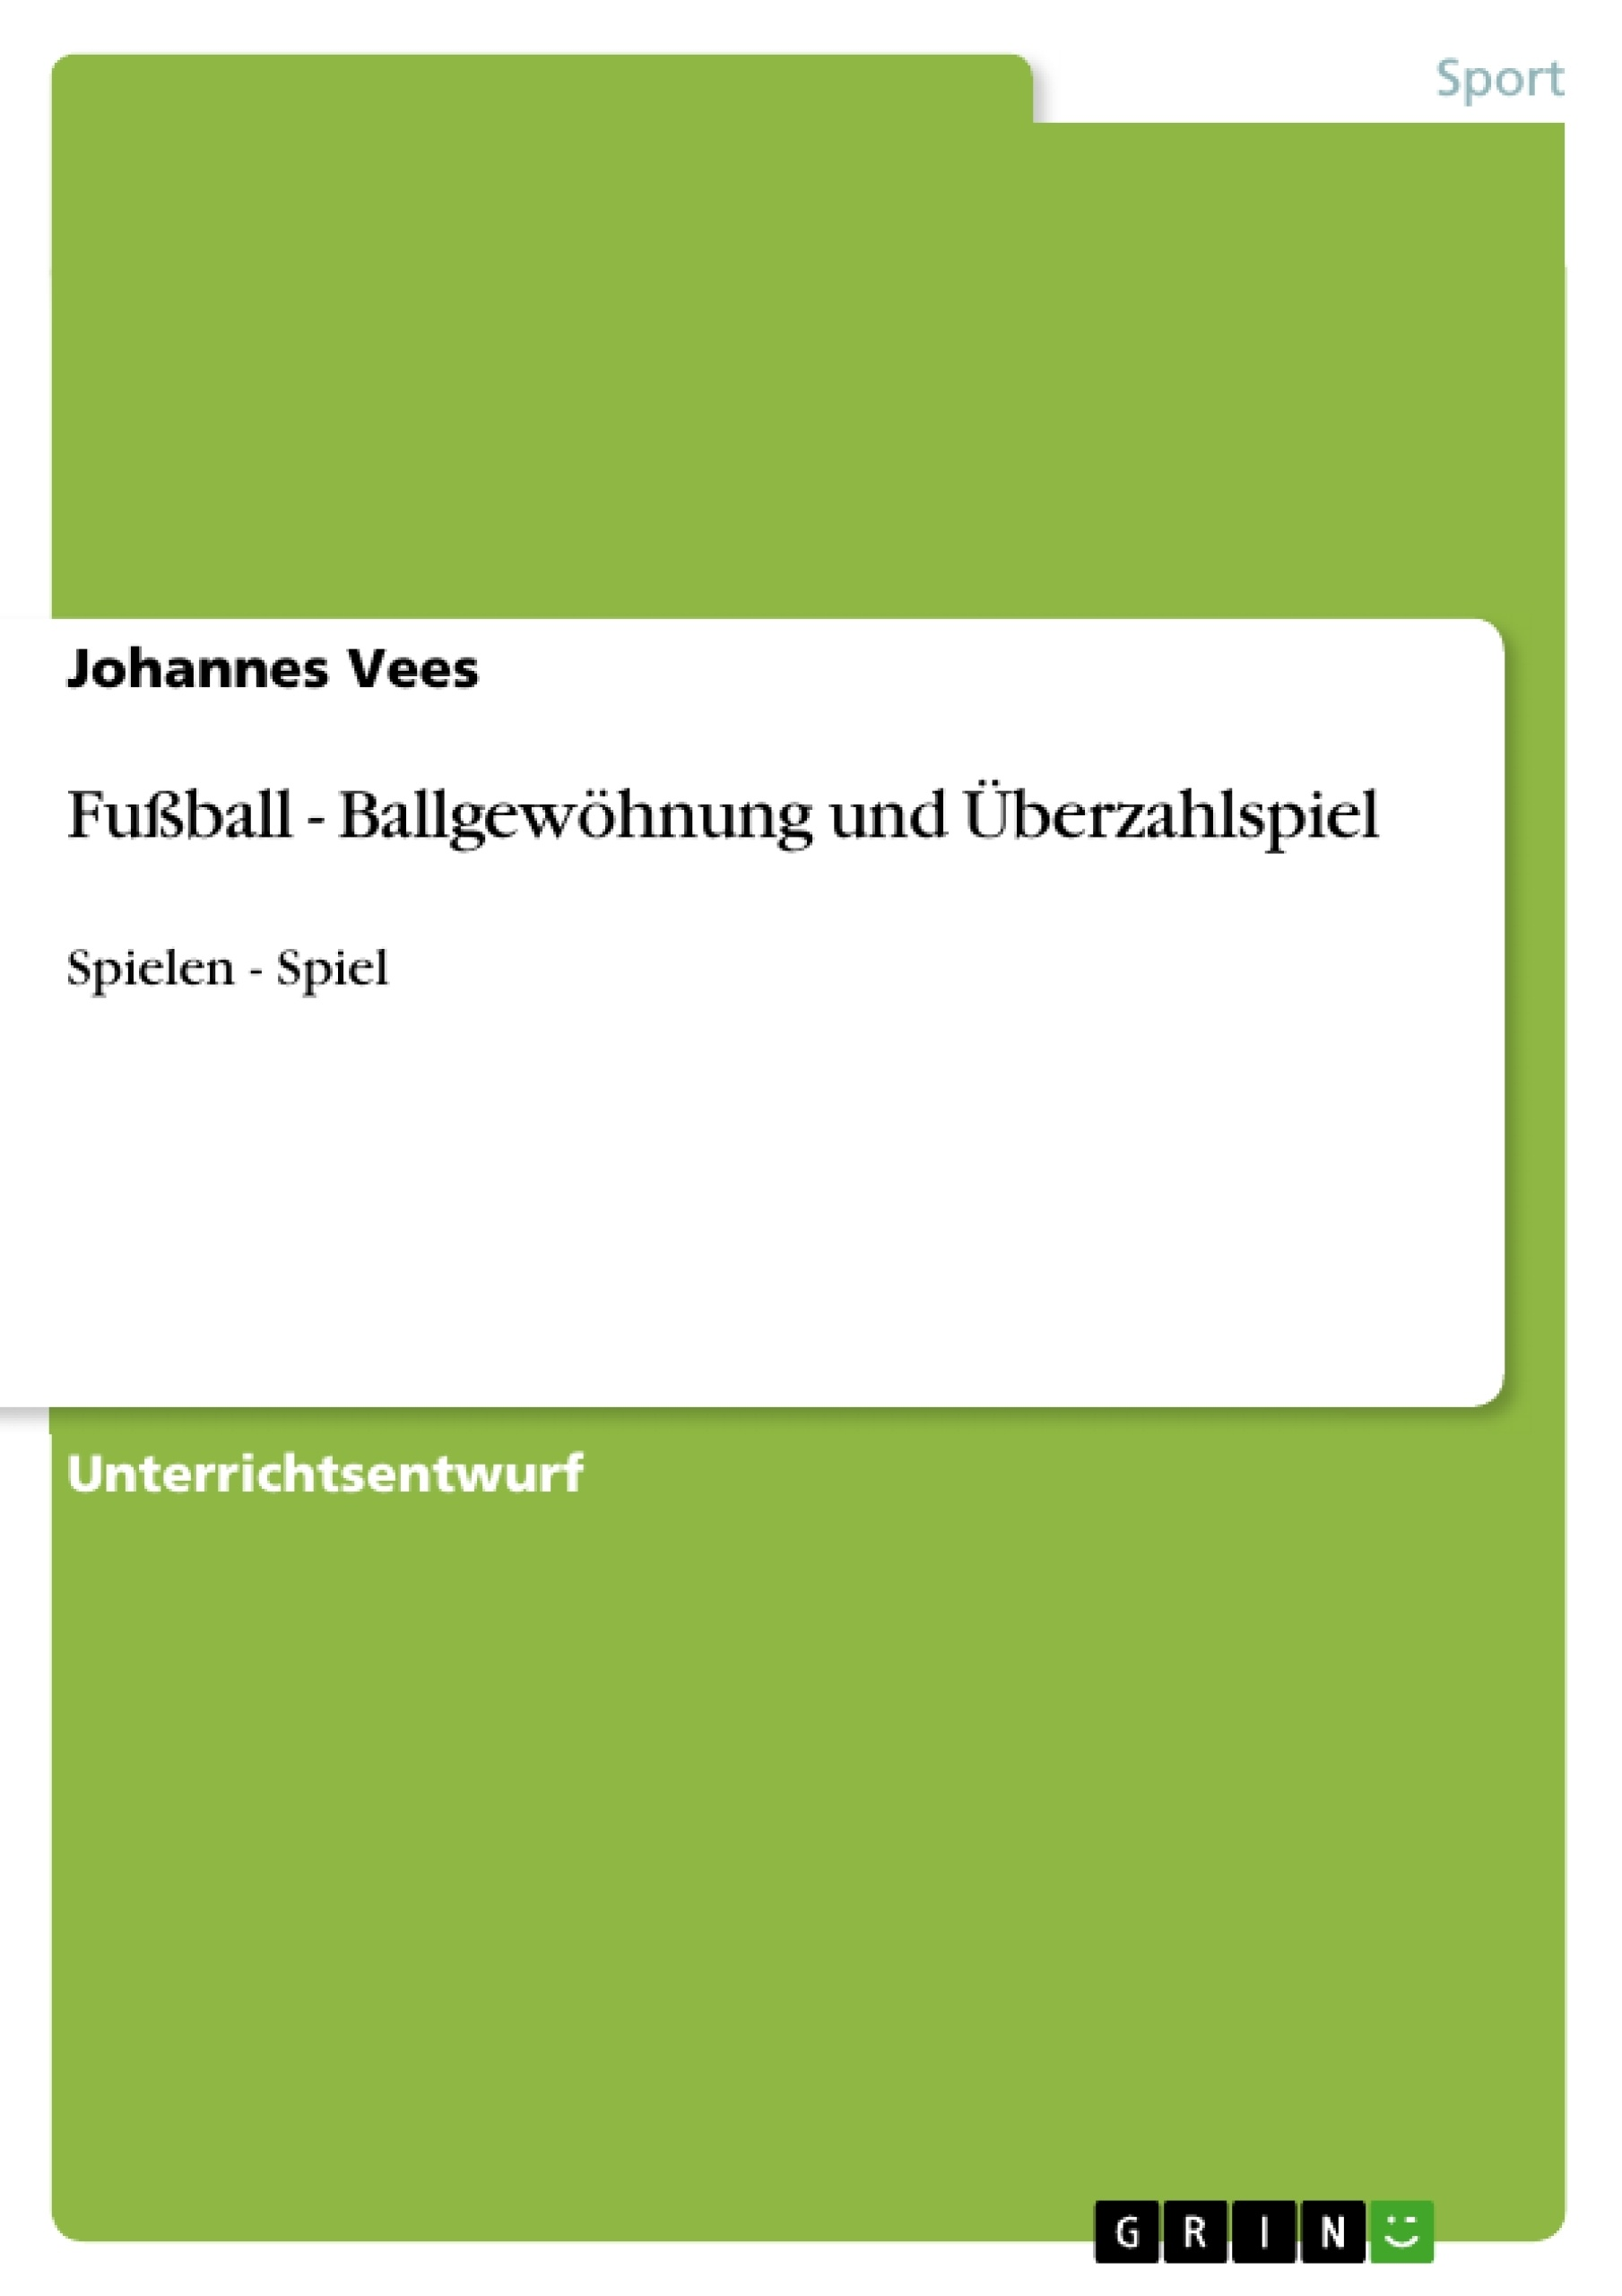 Titel: Fußball - Ballgewöhnung und Überzahlspiel